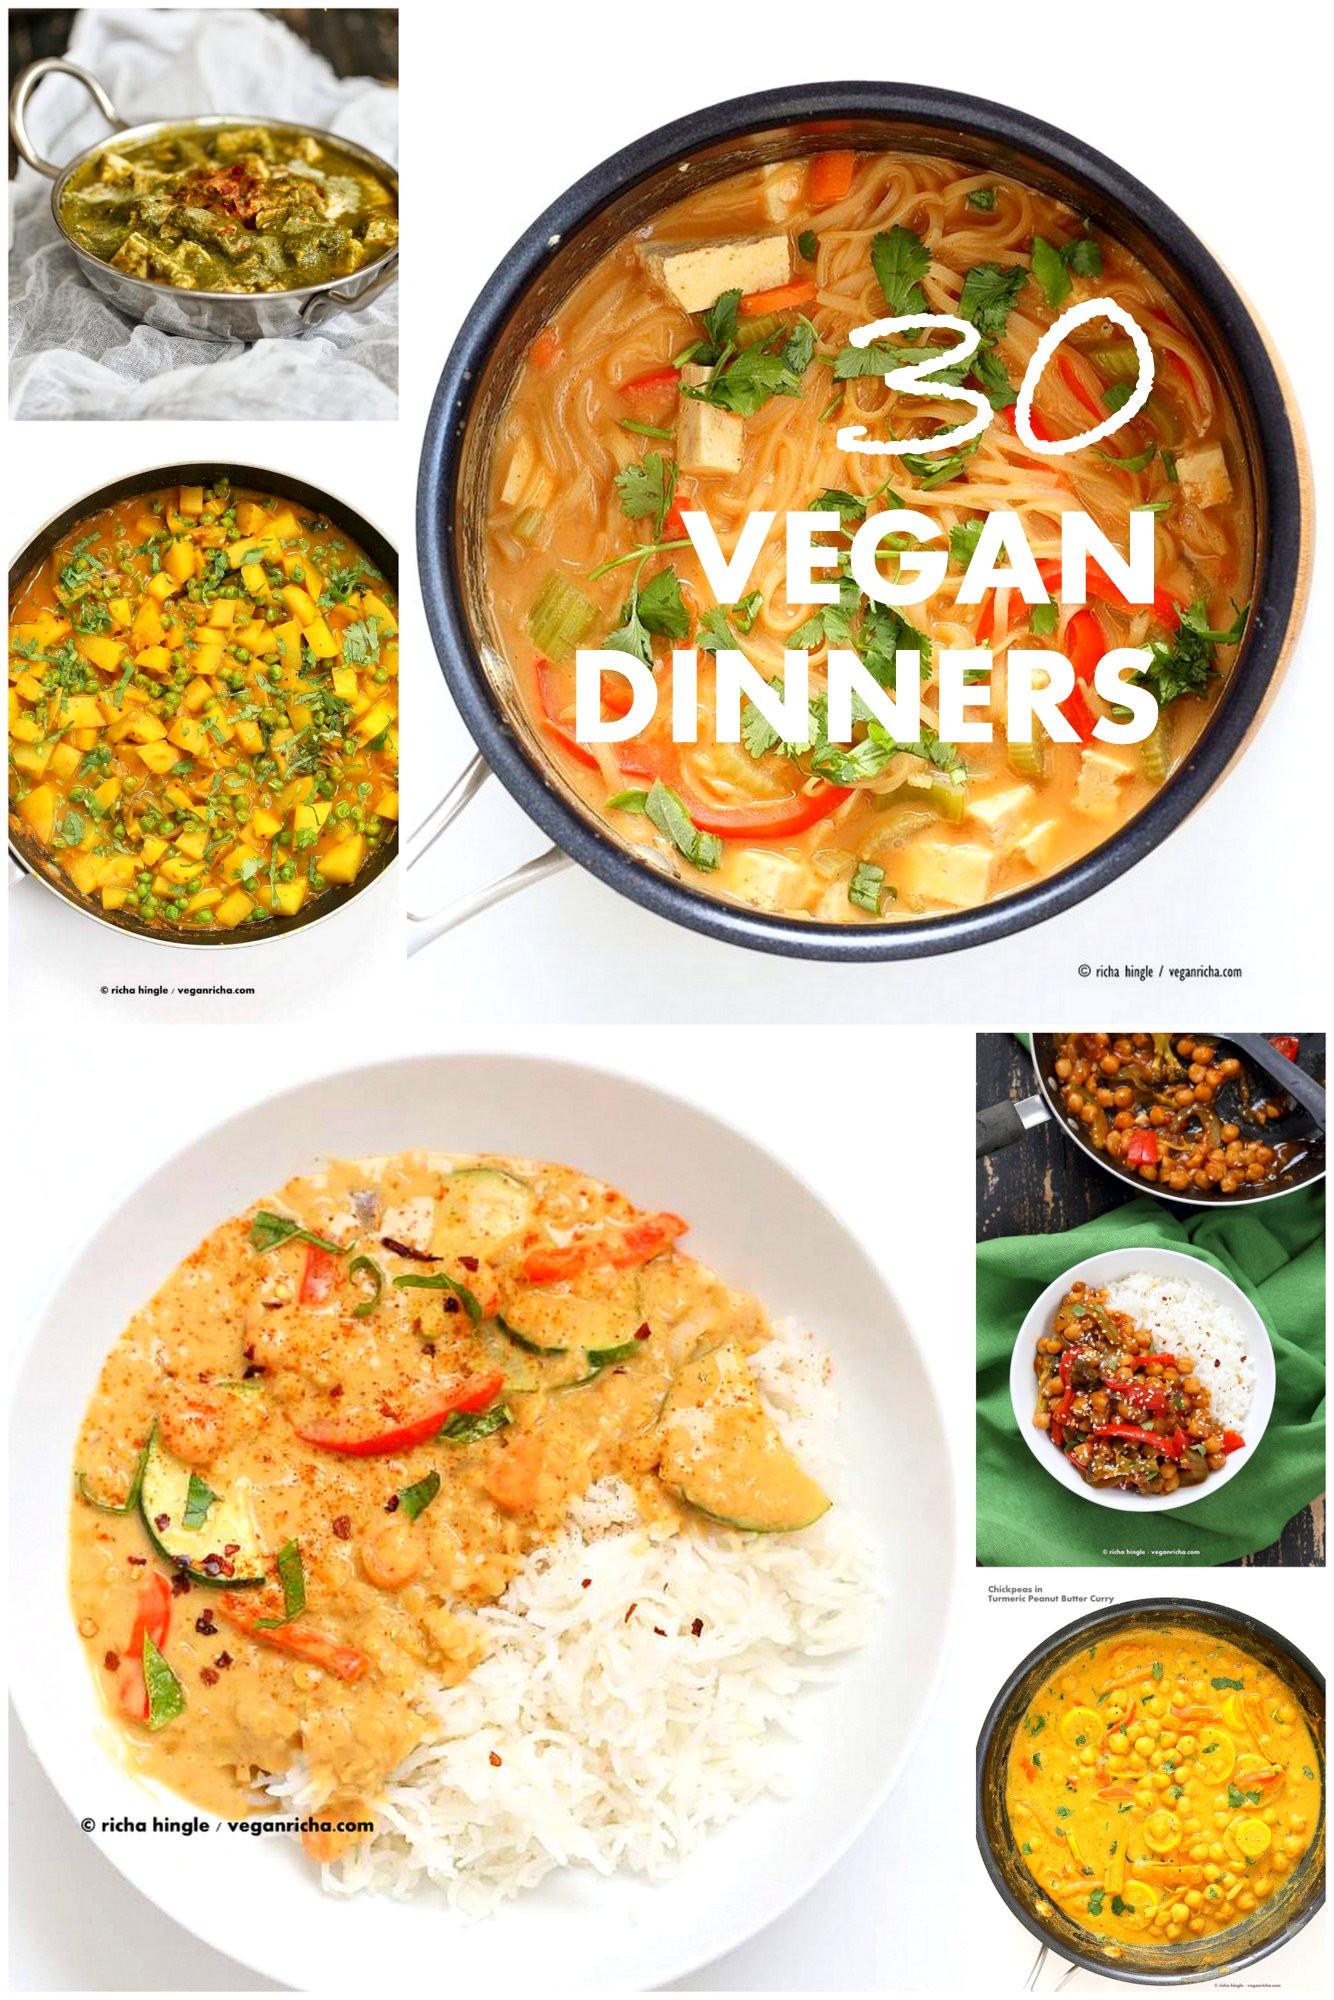 Easy Dinner Recipes Vegetarian  30 Easy Vegan Dinner Recipes Vegan Richa